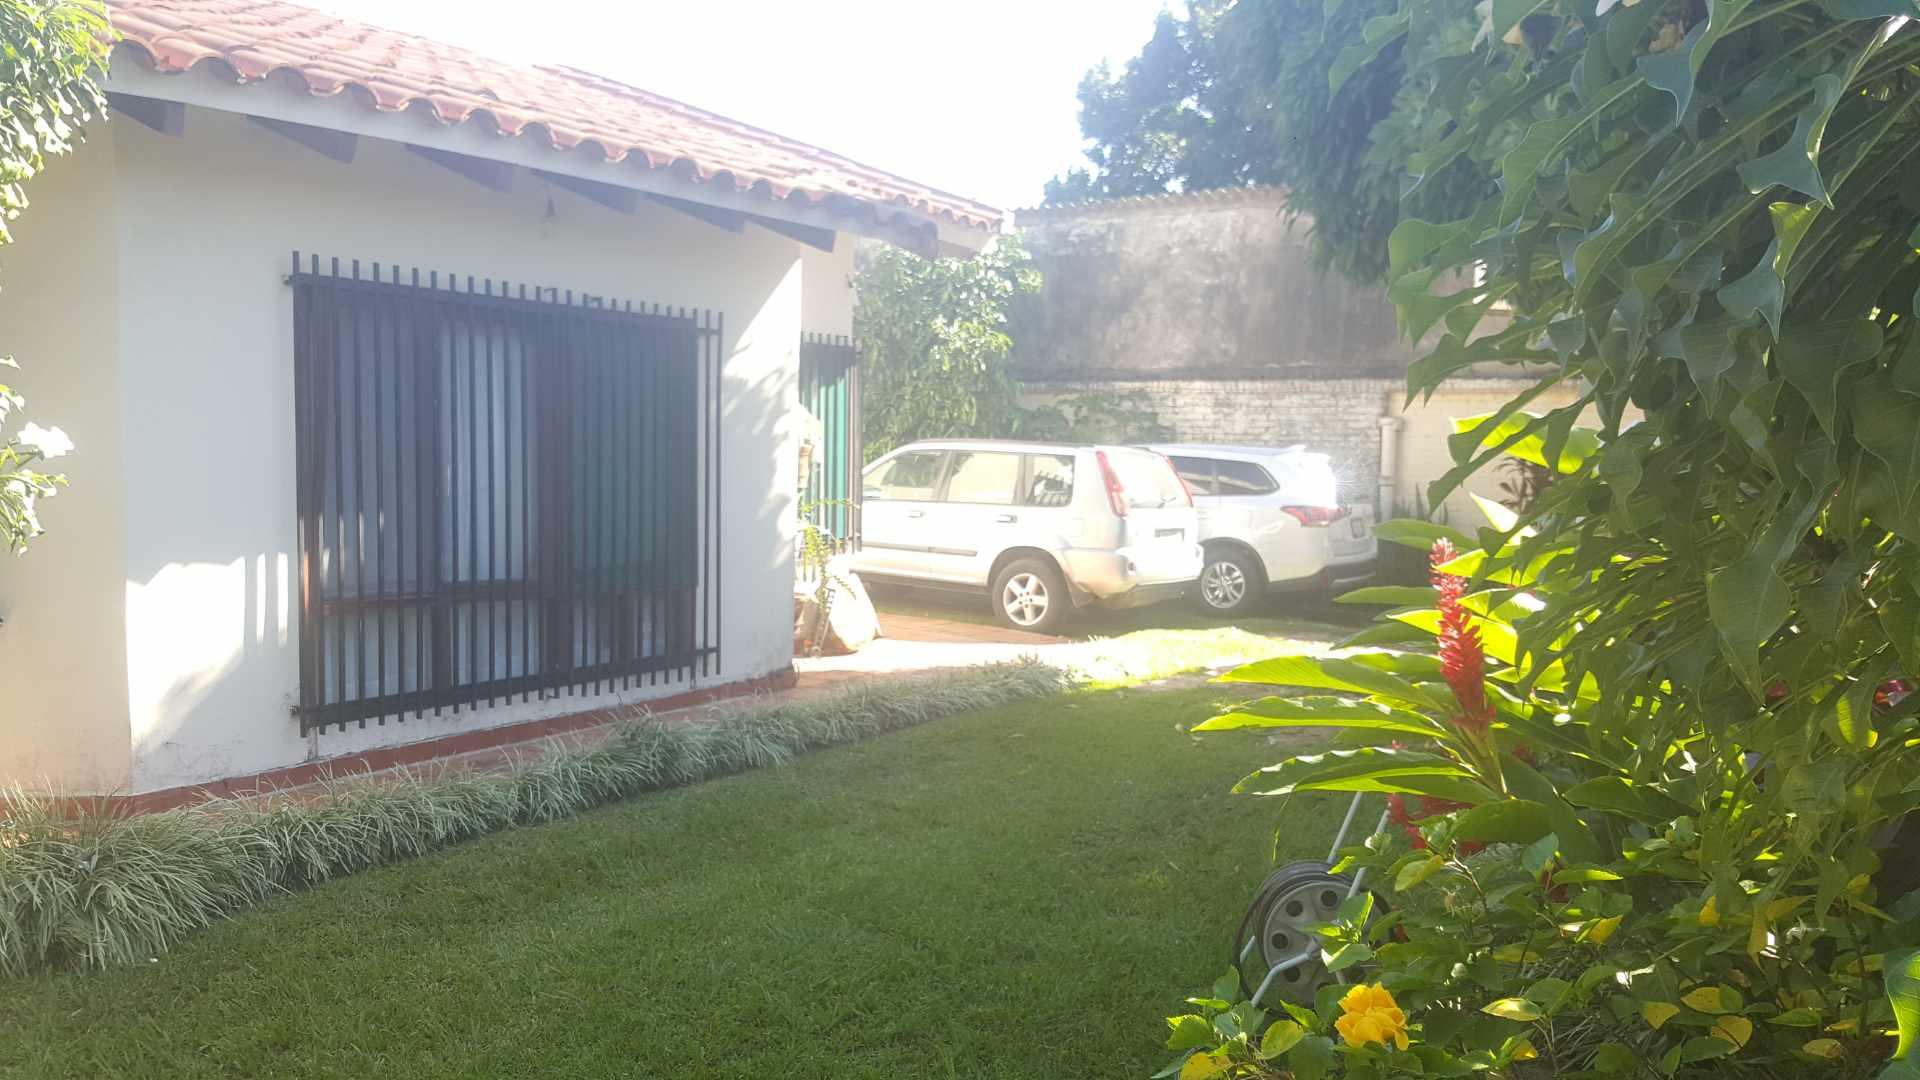 Casa en Venta BARRIO POLANCO, RADIAL 10/CALLE JUAN BLANCO. ENTRE 3er y 4to ANILLO Foto 12